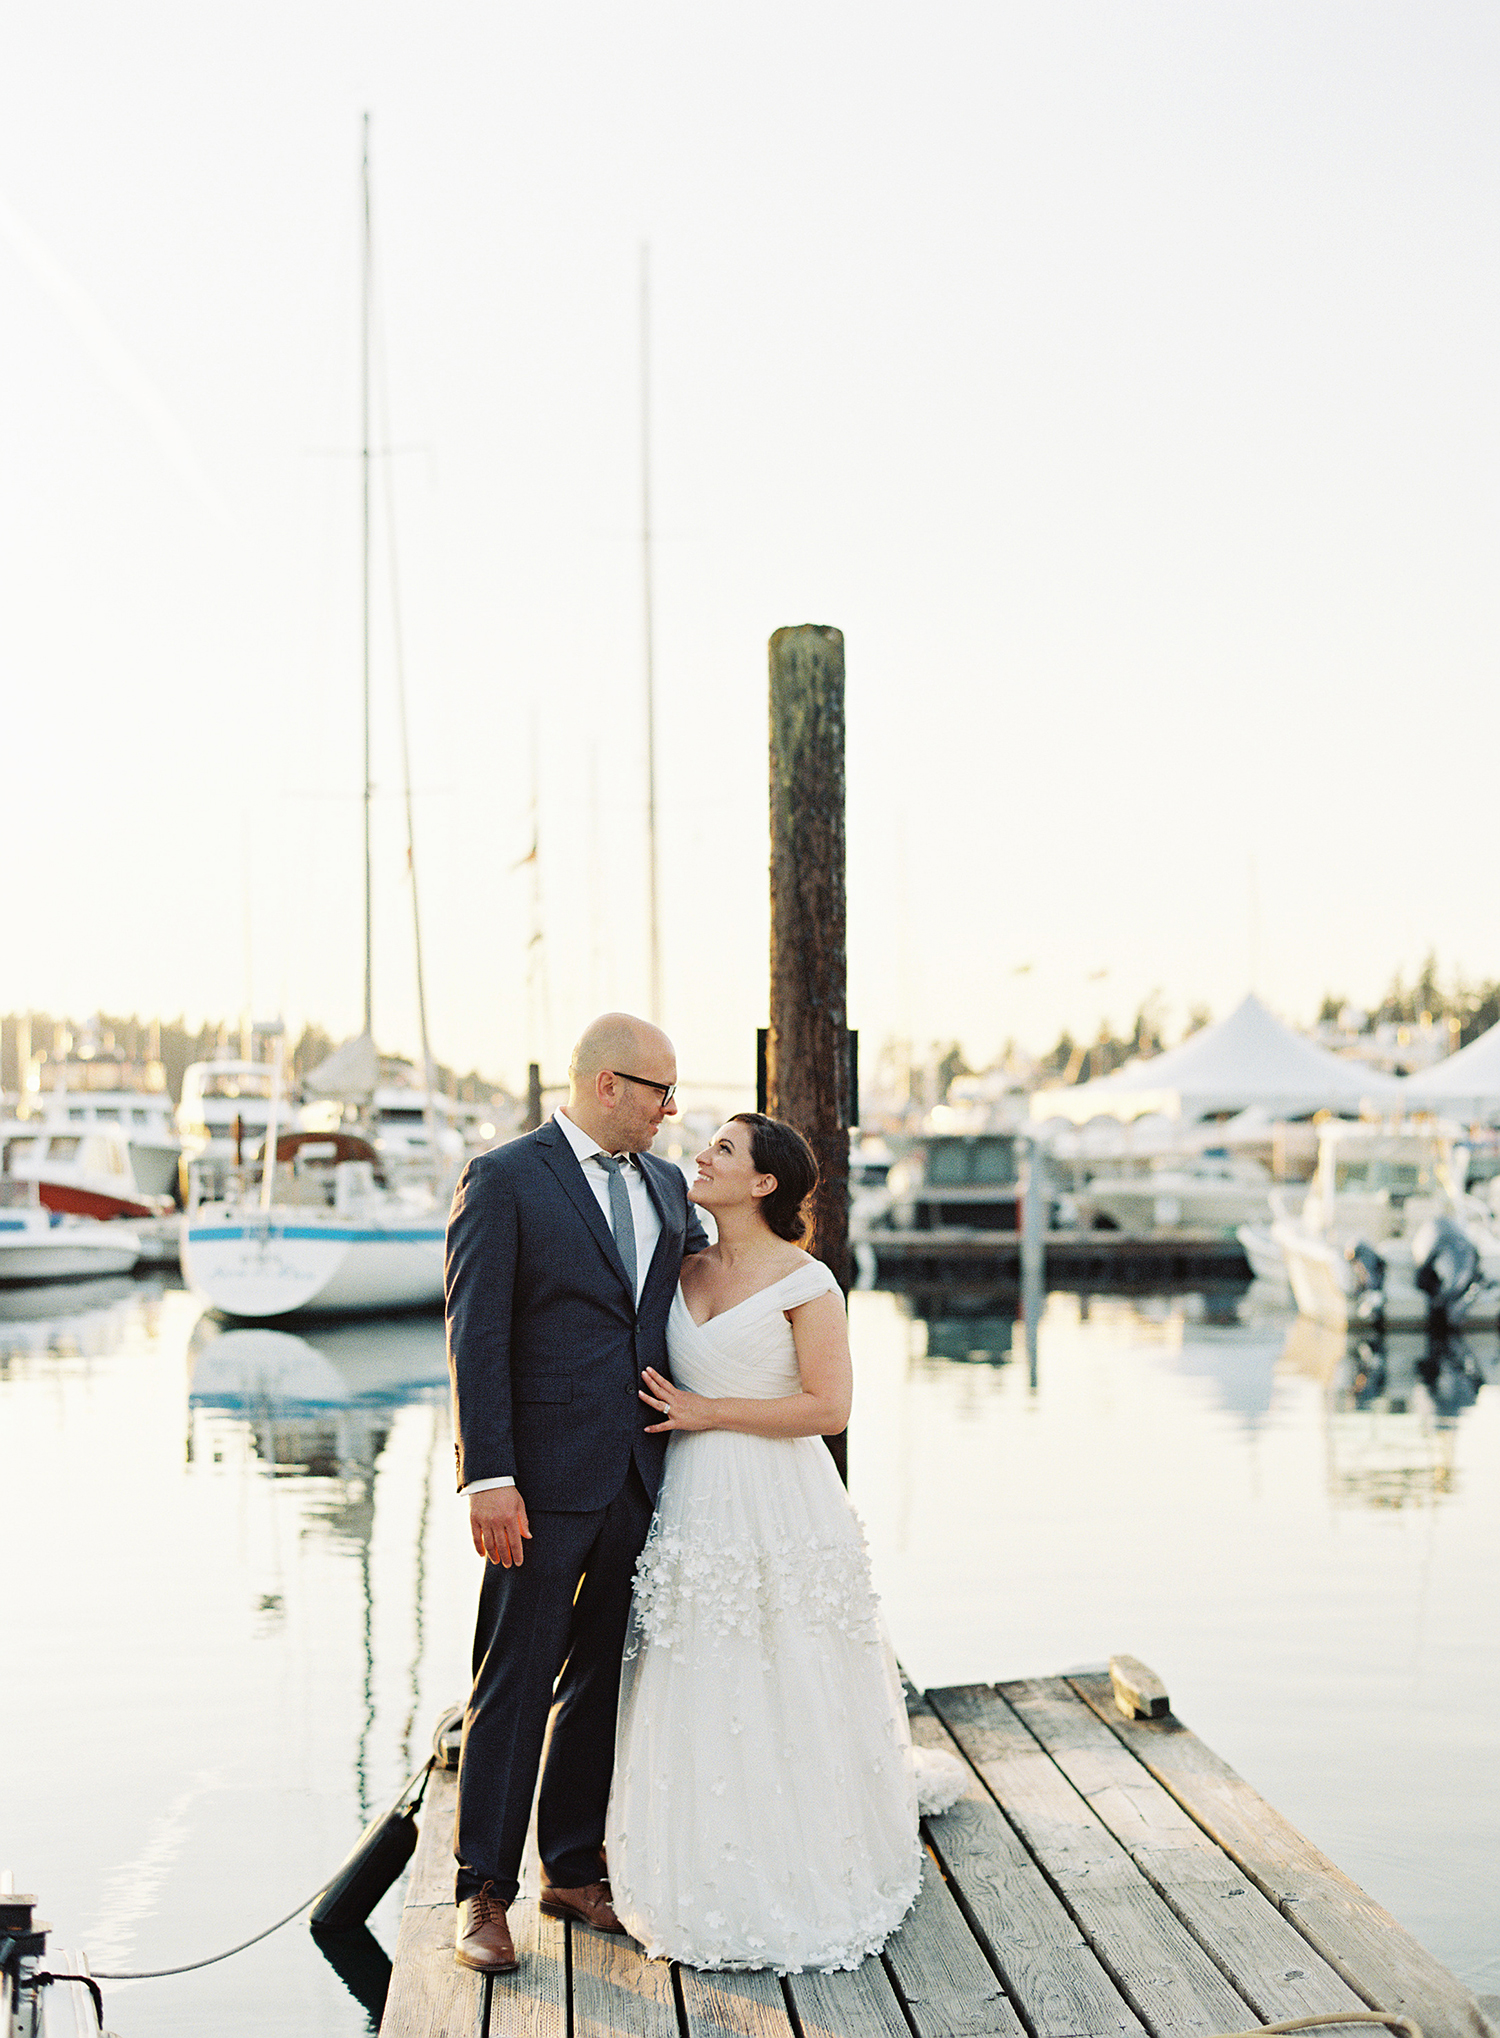 cassandra jason wedding couple on dock